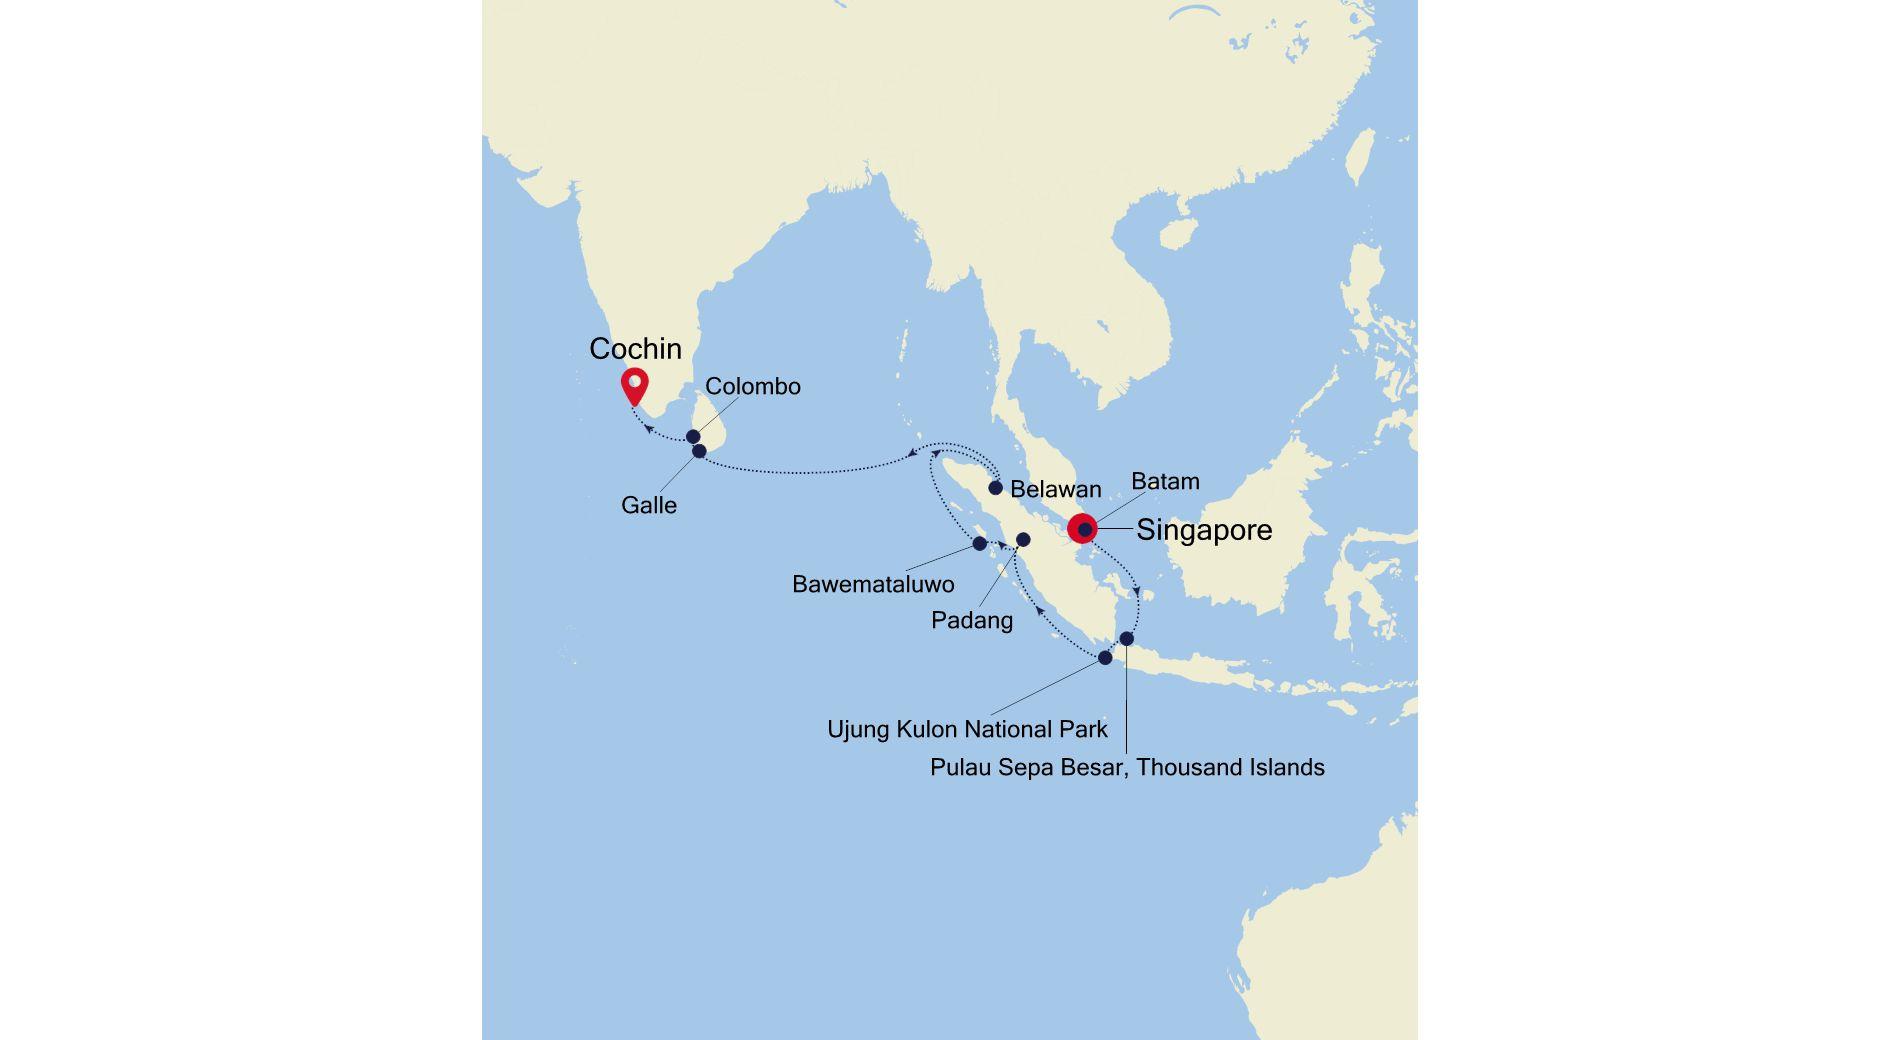 E4220423016 - Singapore to Cochin